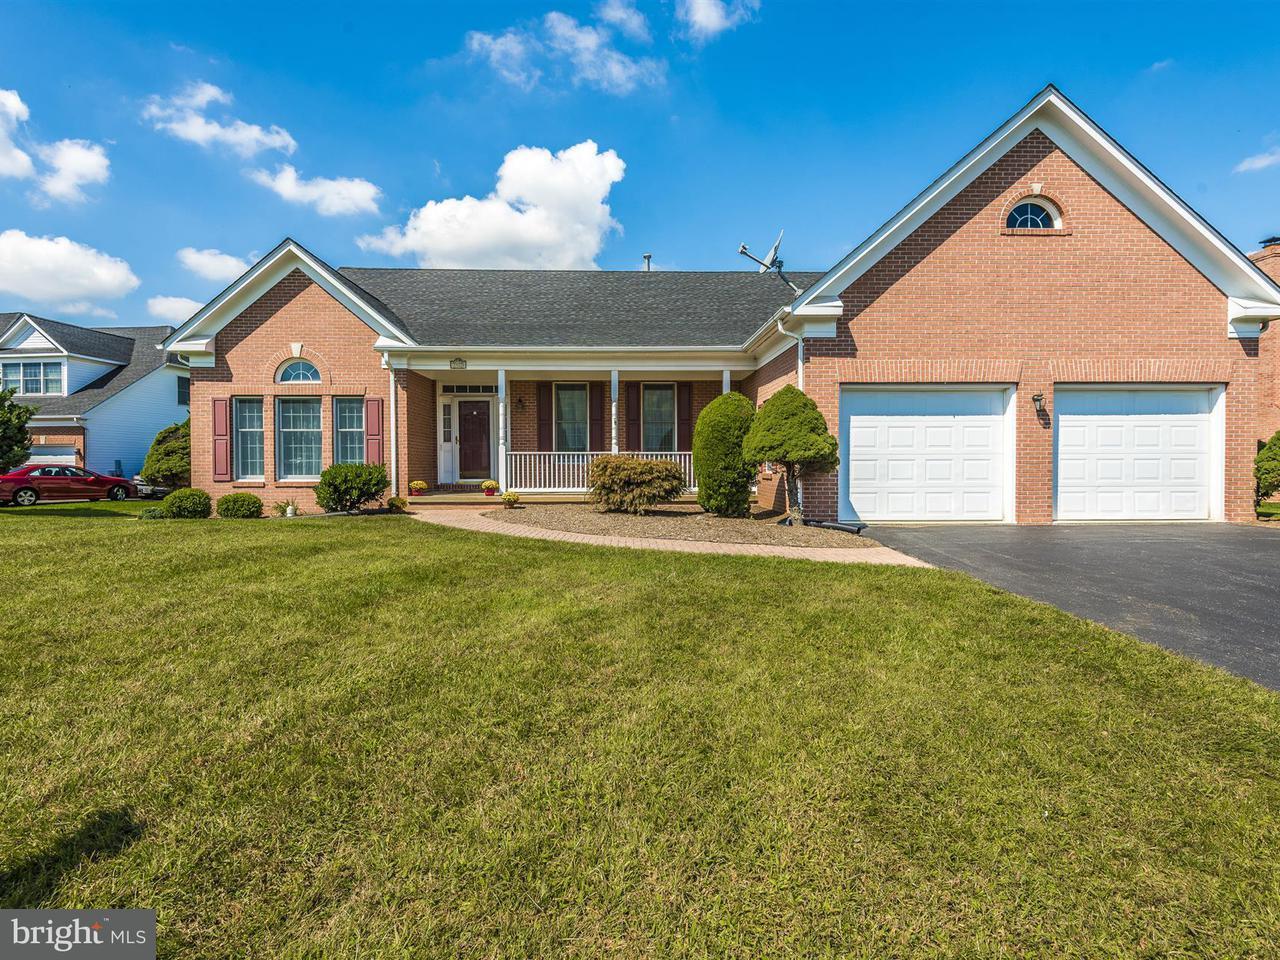 Частный односемейный дом для того Продажа на 3425 TUDOR Drive 3425 TUDOR Drive Adamstown, Мэриленд 21710 Соединенные Штаты